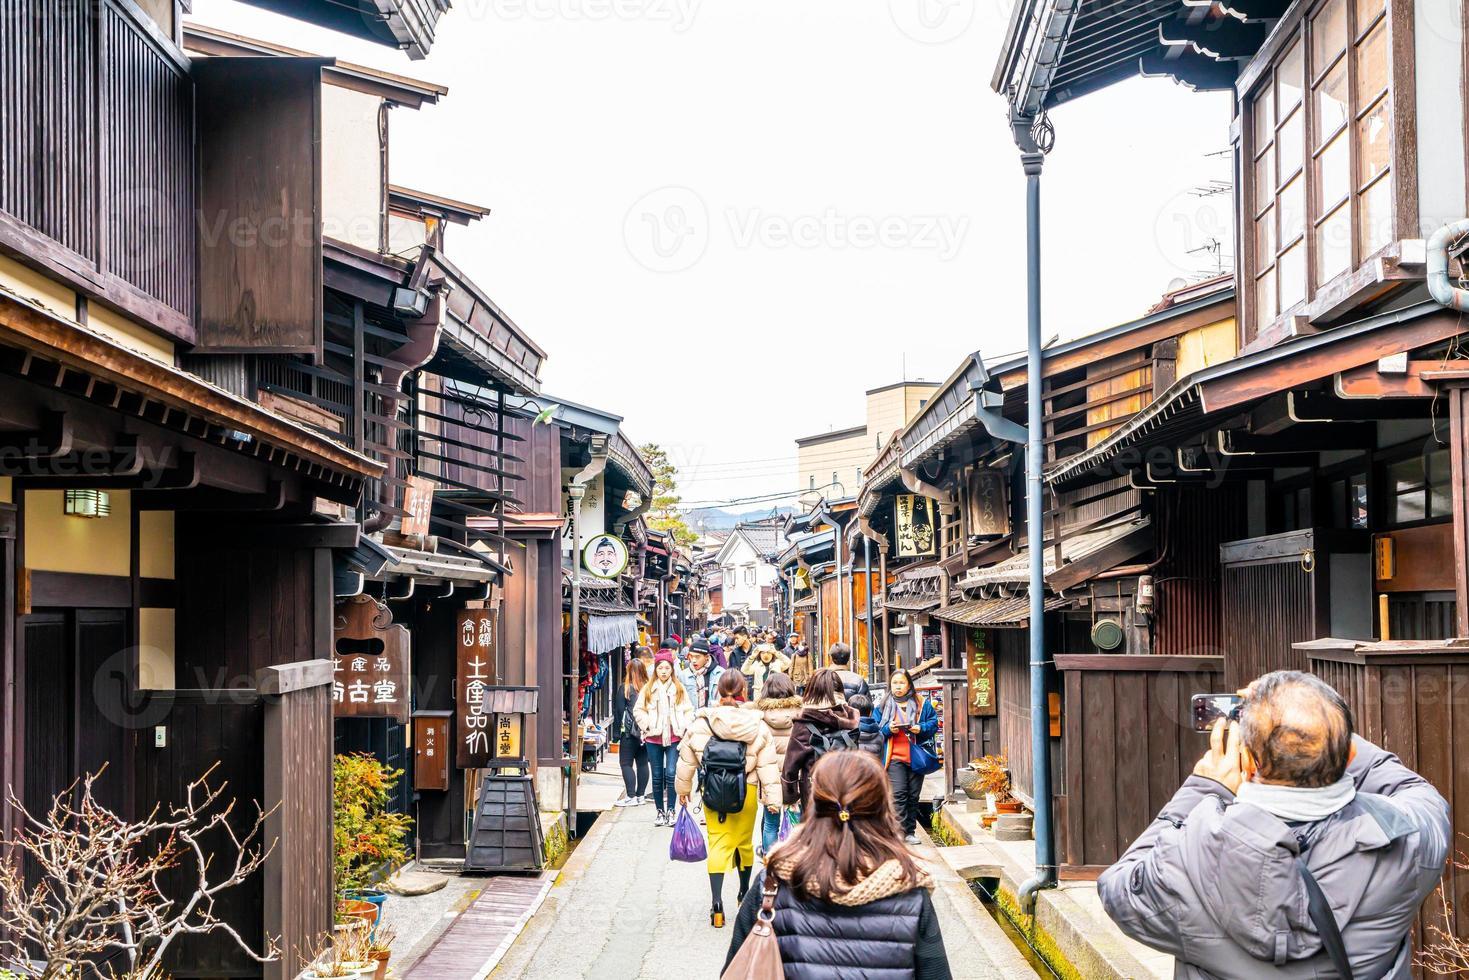 takayama, japon, 12 jan 2020 - la photo de paysage de la ville de takayama. il est nommé petit kyoto du japon et établi depuis l'ère edo.